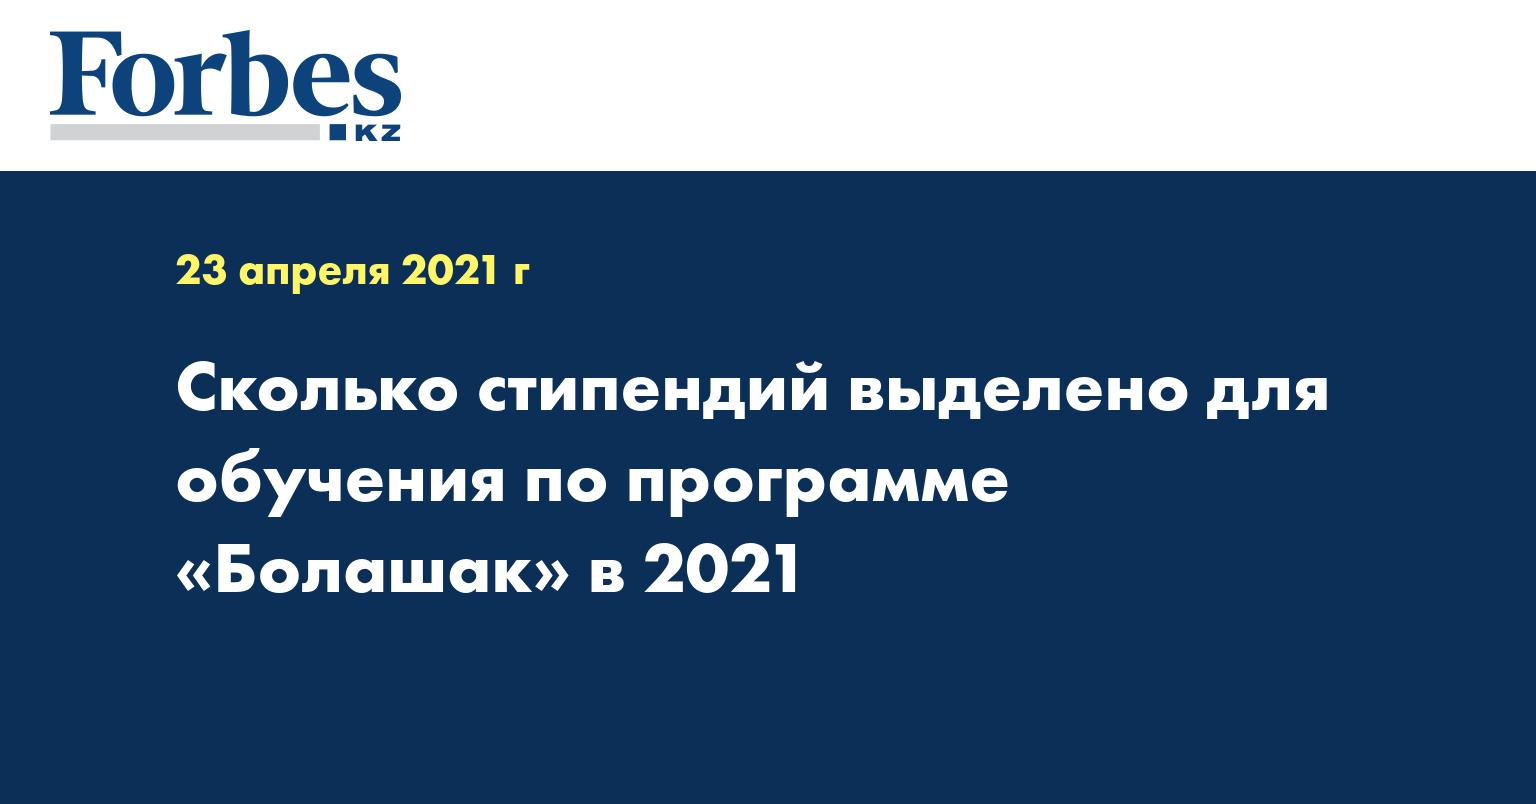 Сколько стипендий выделено для обучения по программе «Болашак» в 2021